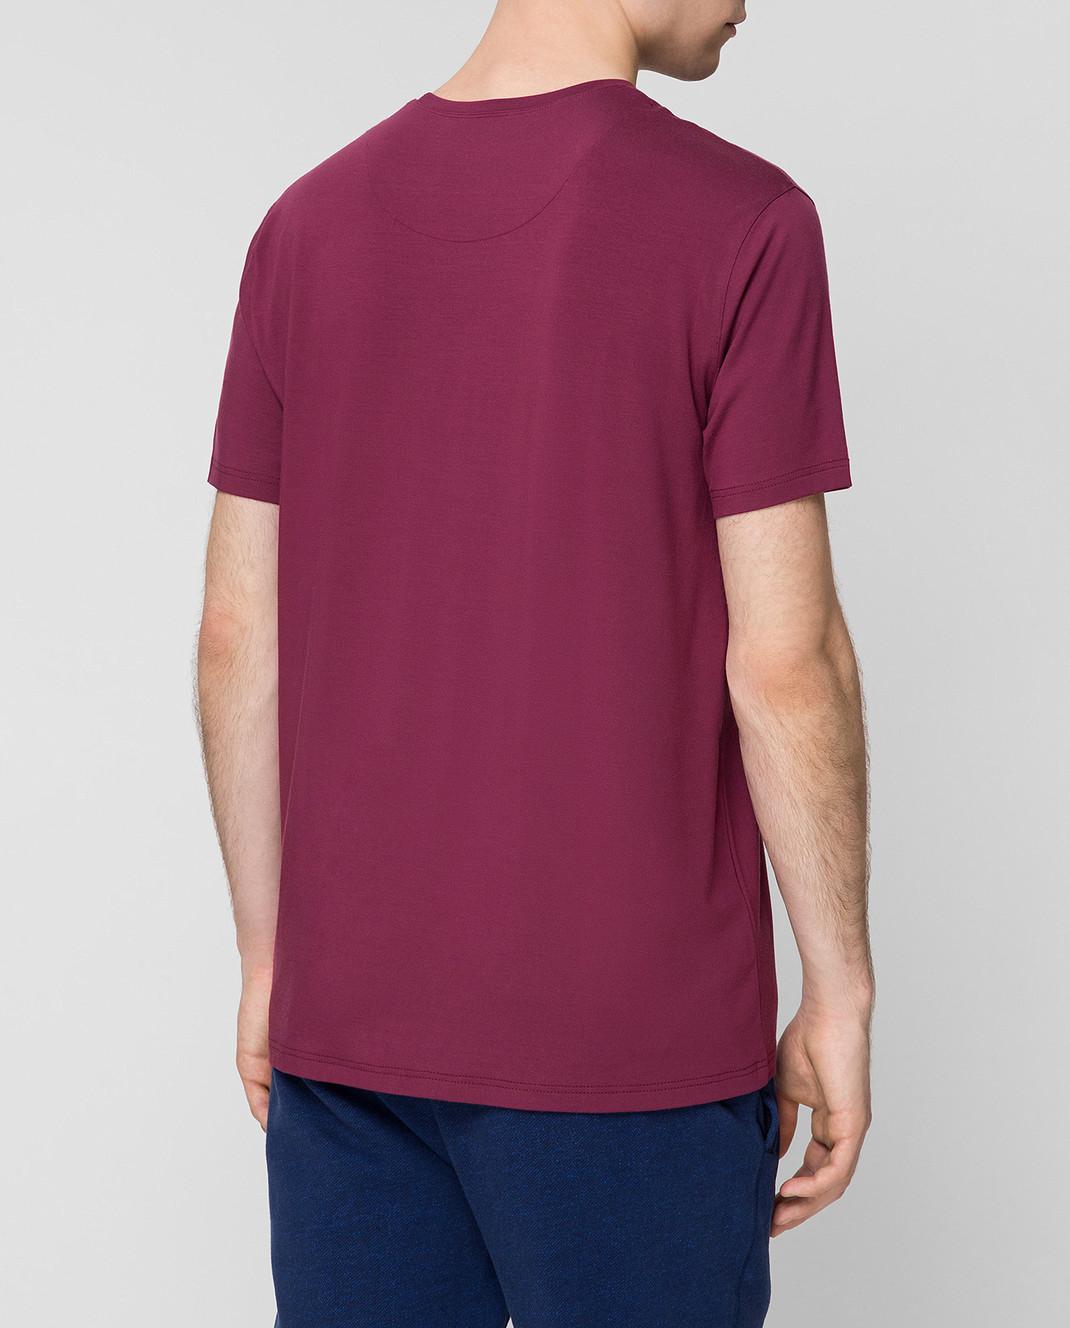 Derek Rose Бордовая футболка 3048BASE005 изображение 4